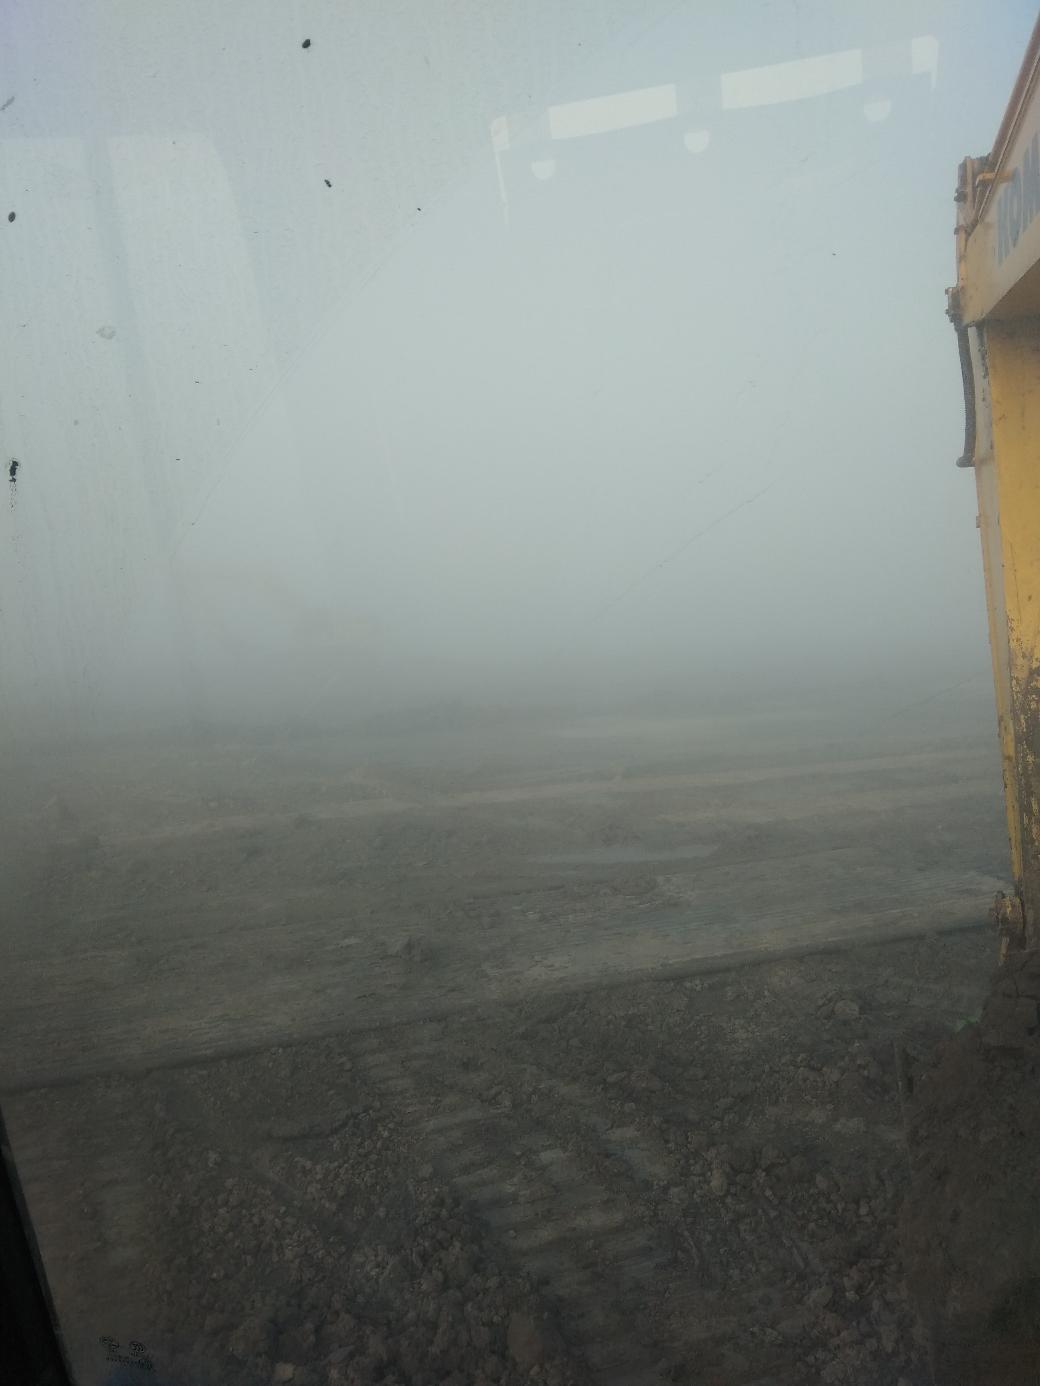 大雾!等车来